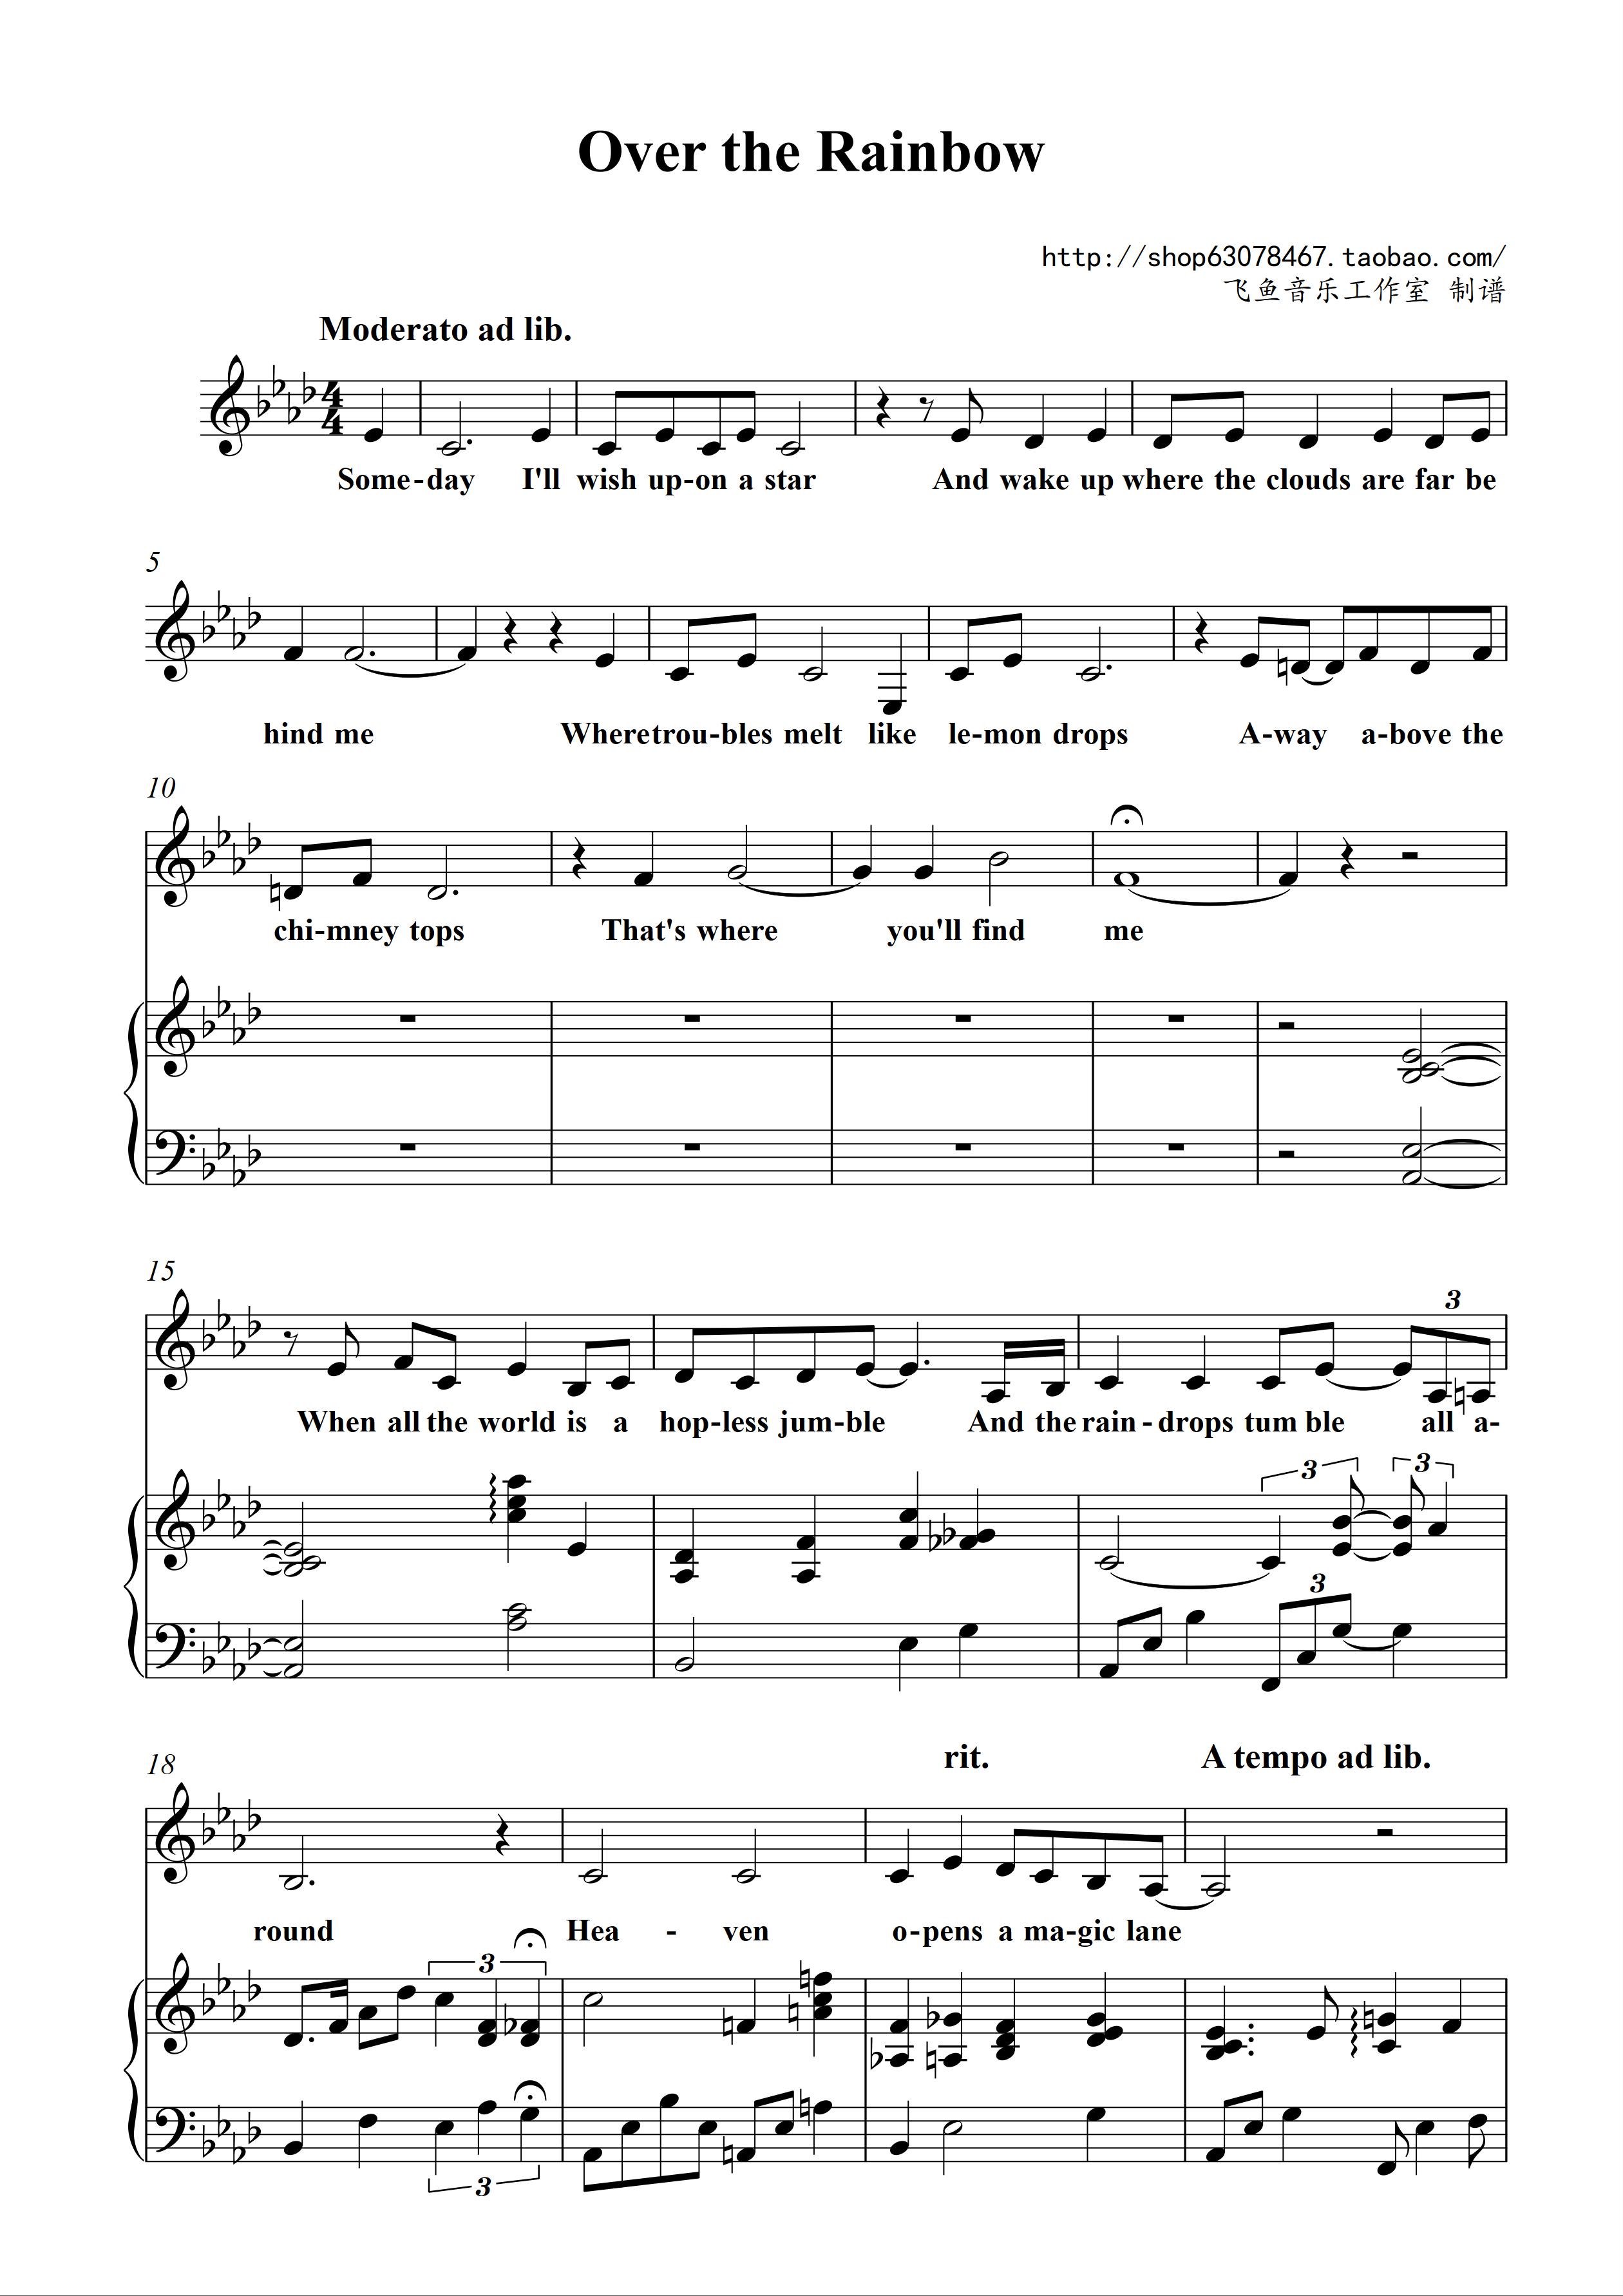 鋼琴扒譜 鋼伴正譜伴奏編配 聽記寫五線樂譜簡譜 打譜製作sib.ove